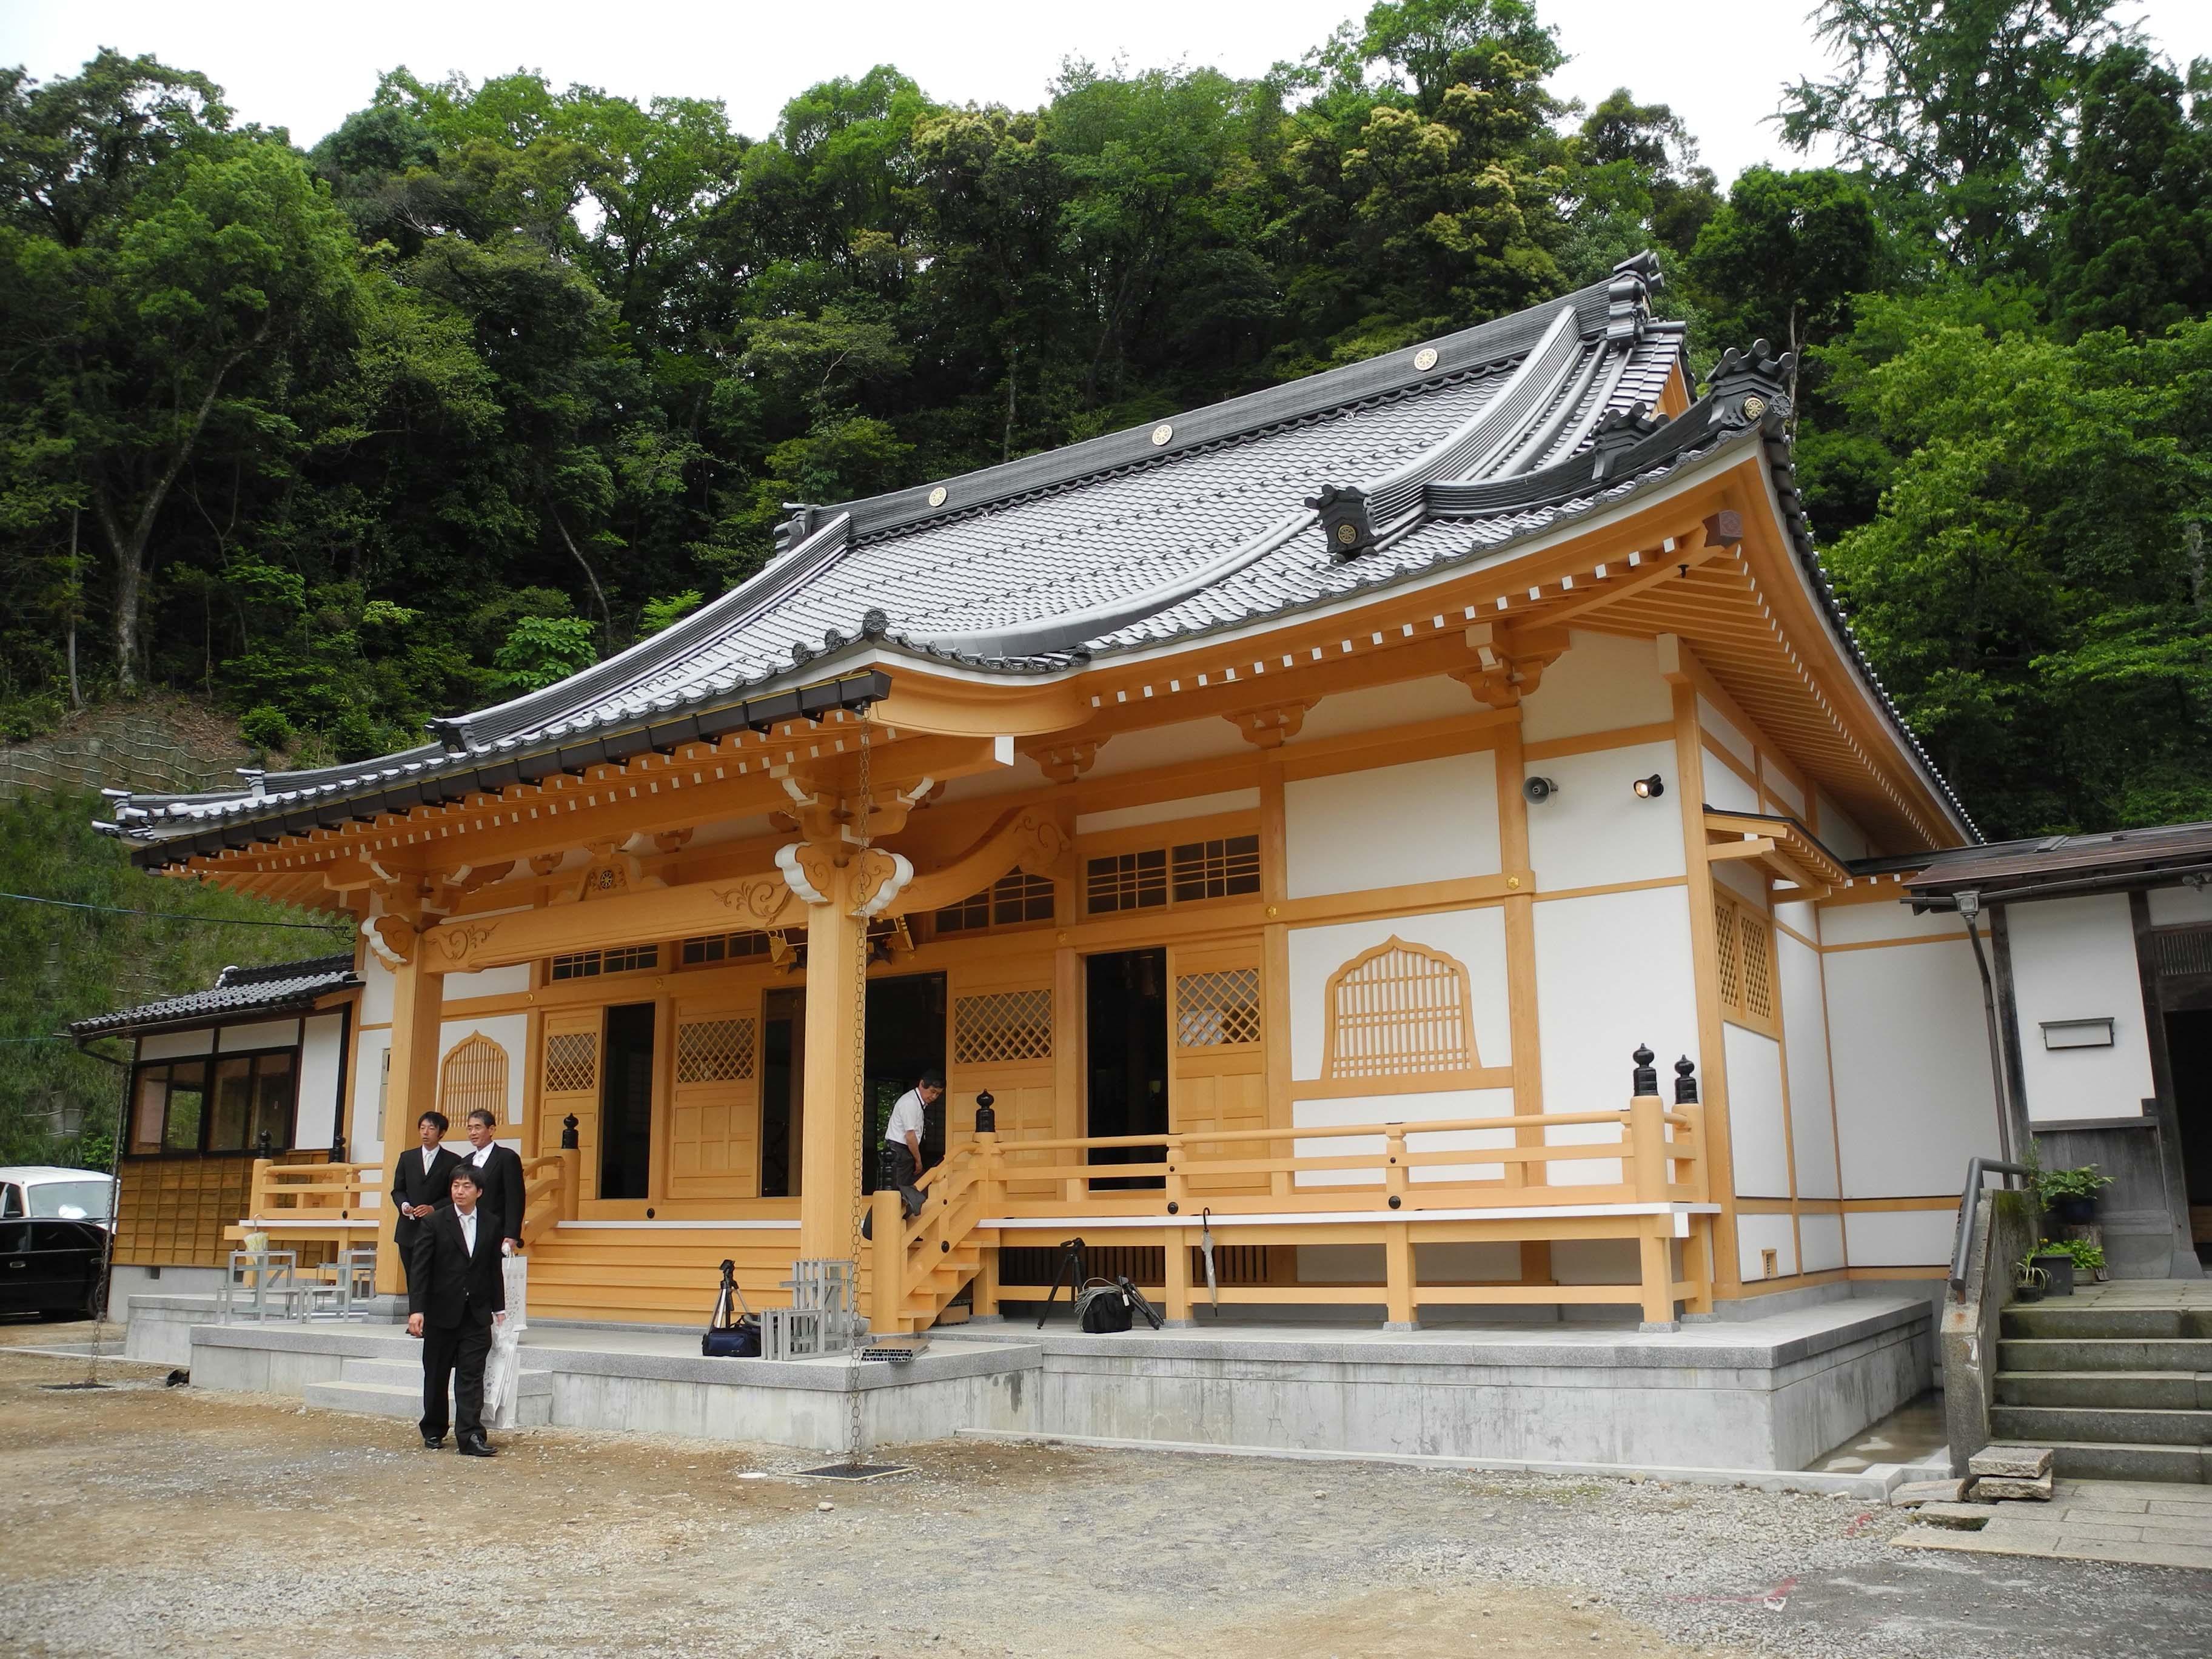 社寺仏閣の藤田社寺建設